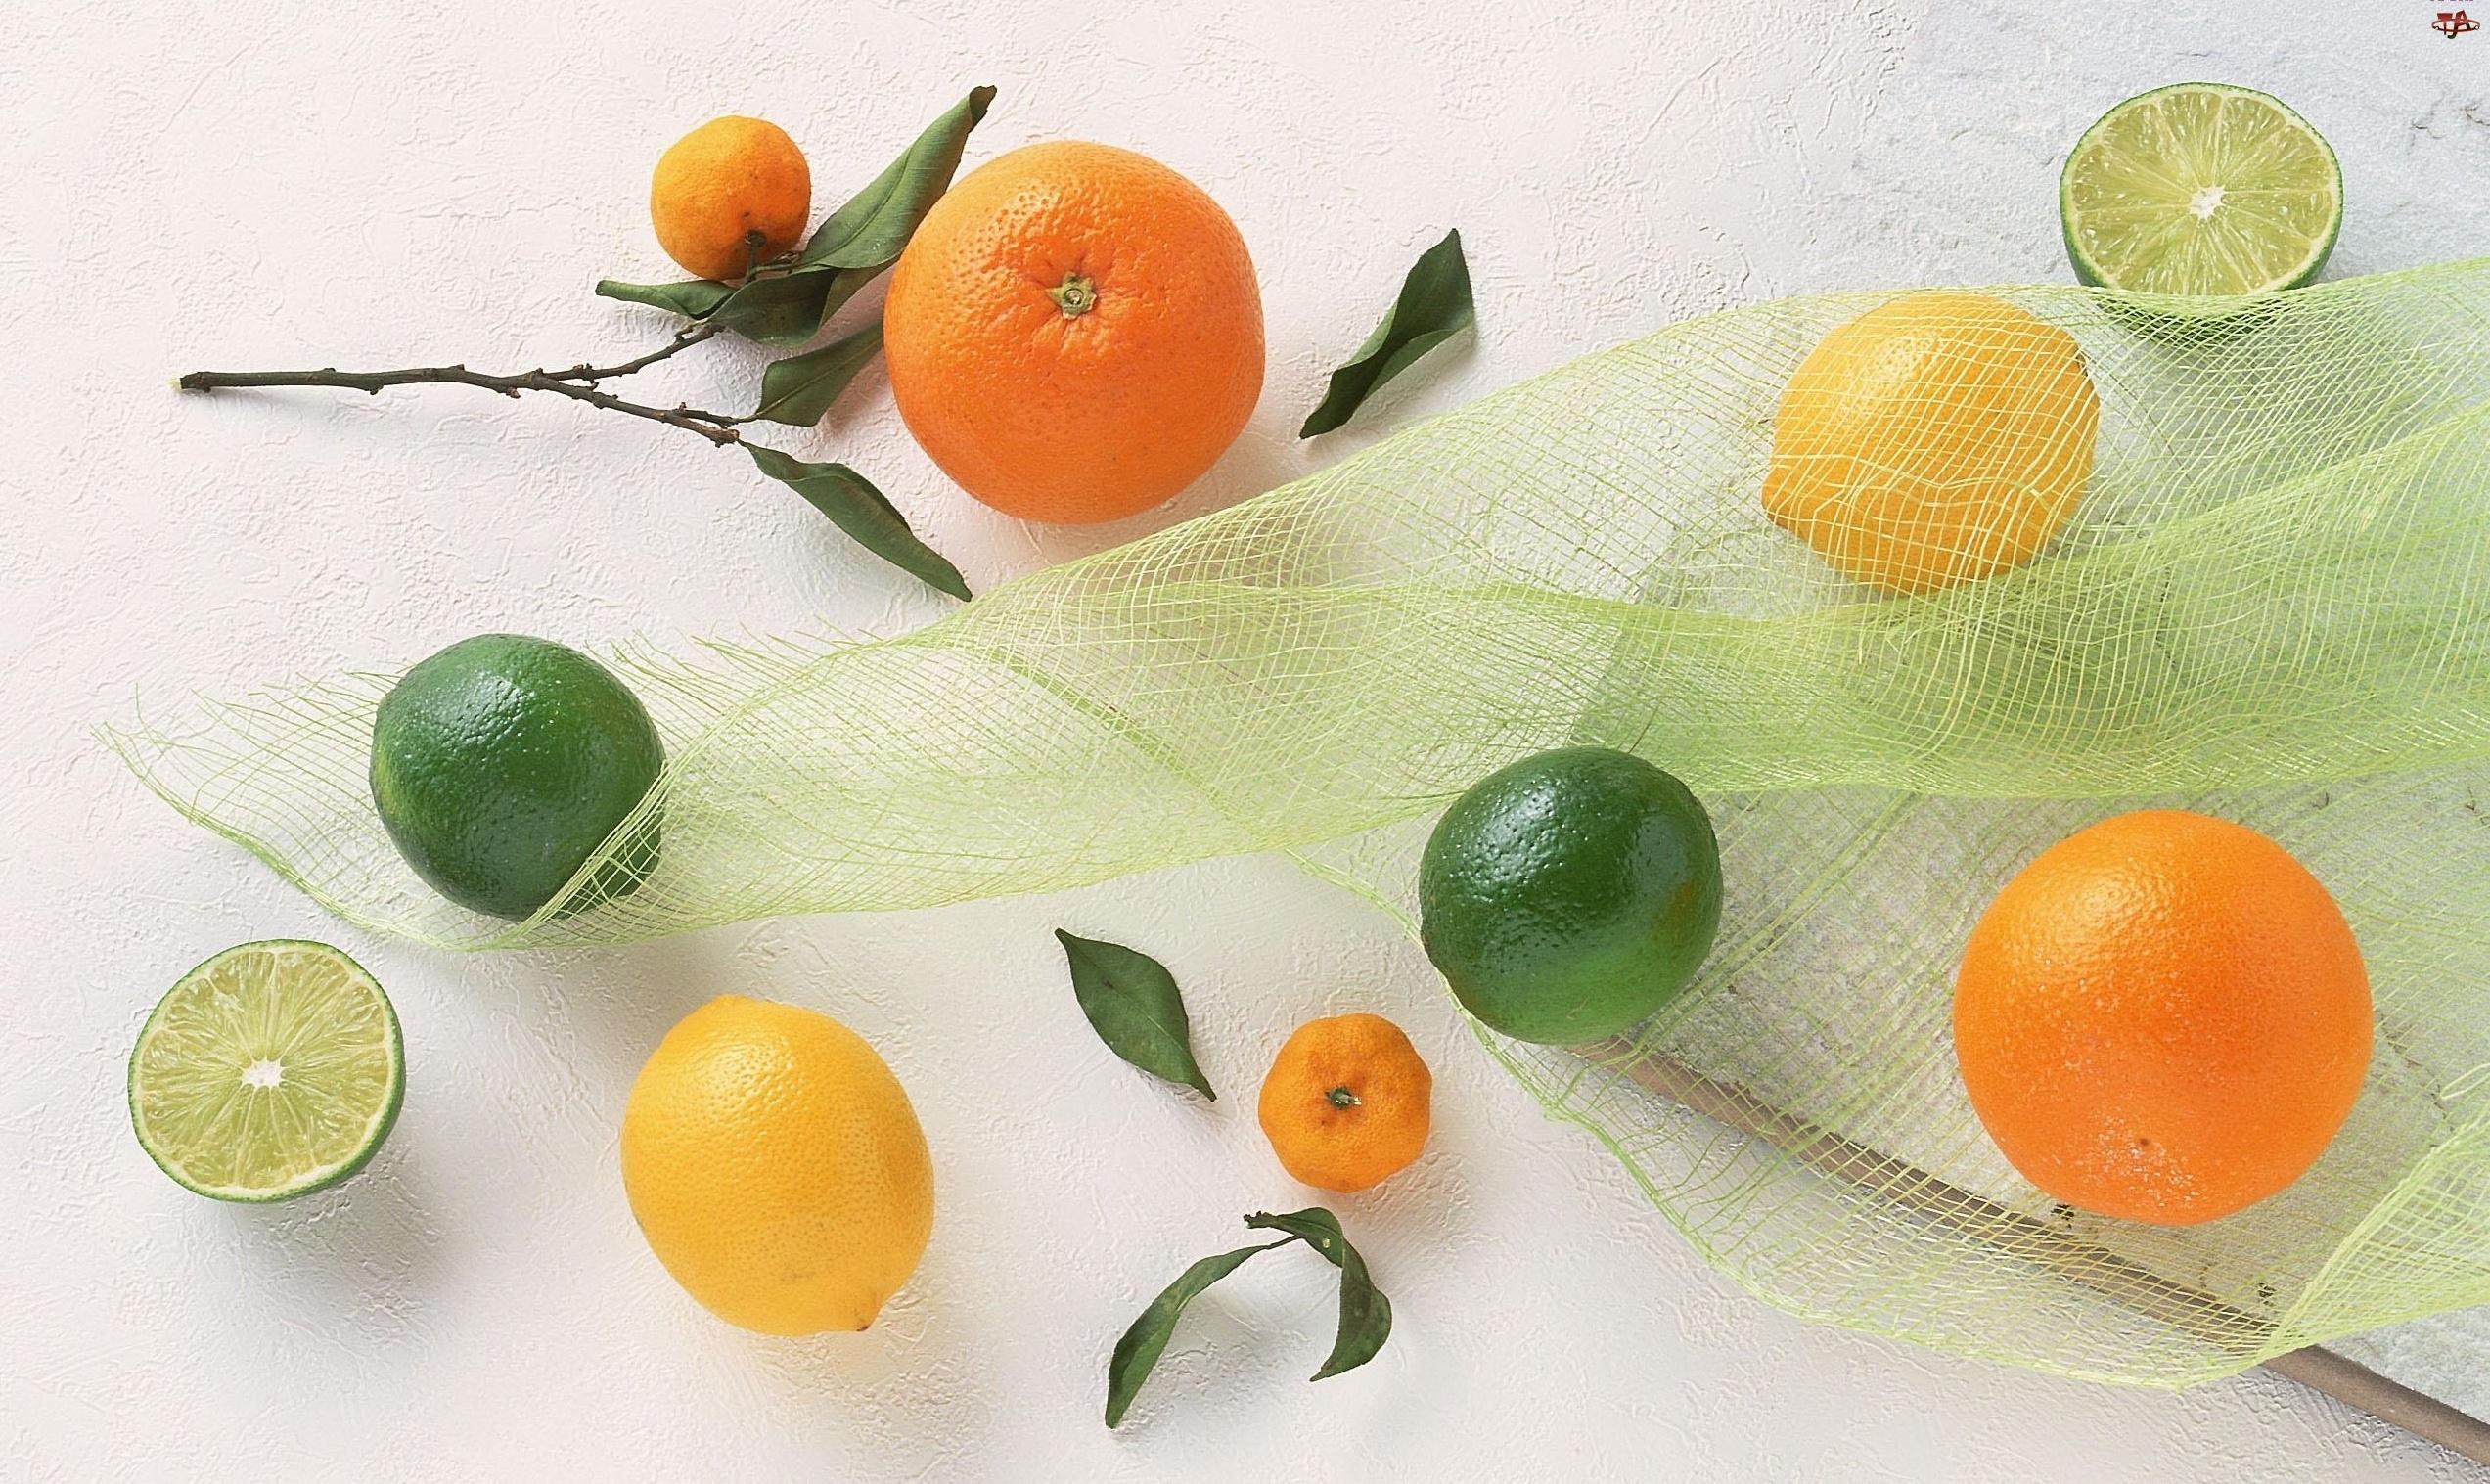 Limonka, Owoce, Siateczka